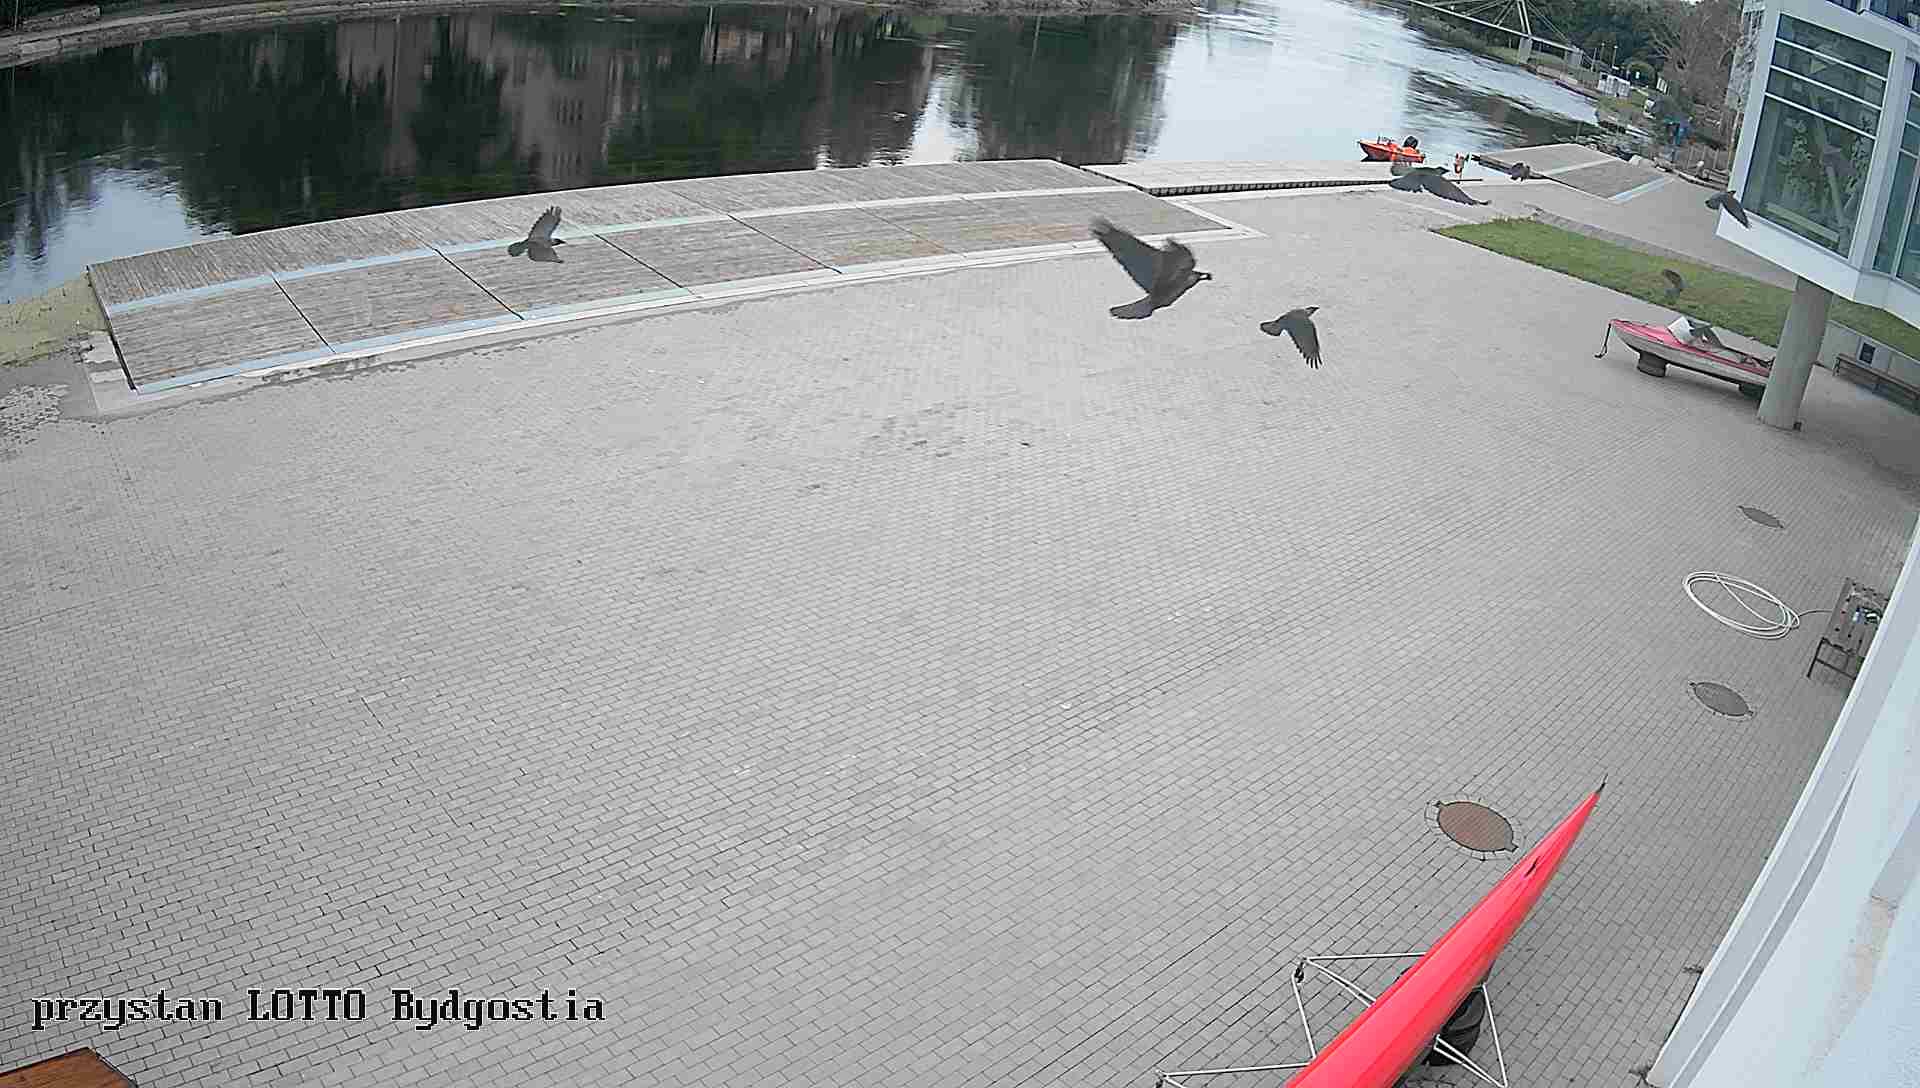 Przystań LOTTO-Bydgostia Bydgoszcz - widok z kamery